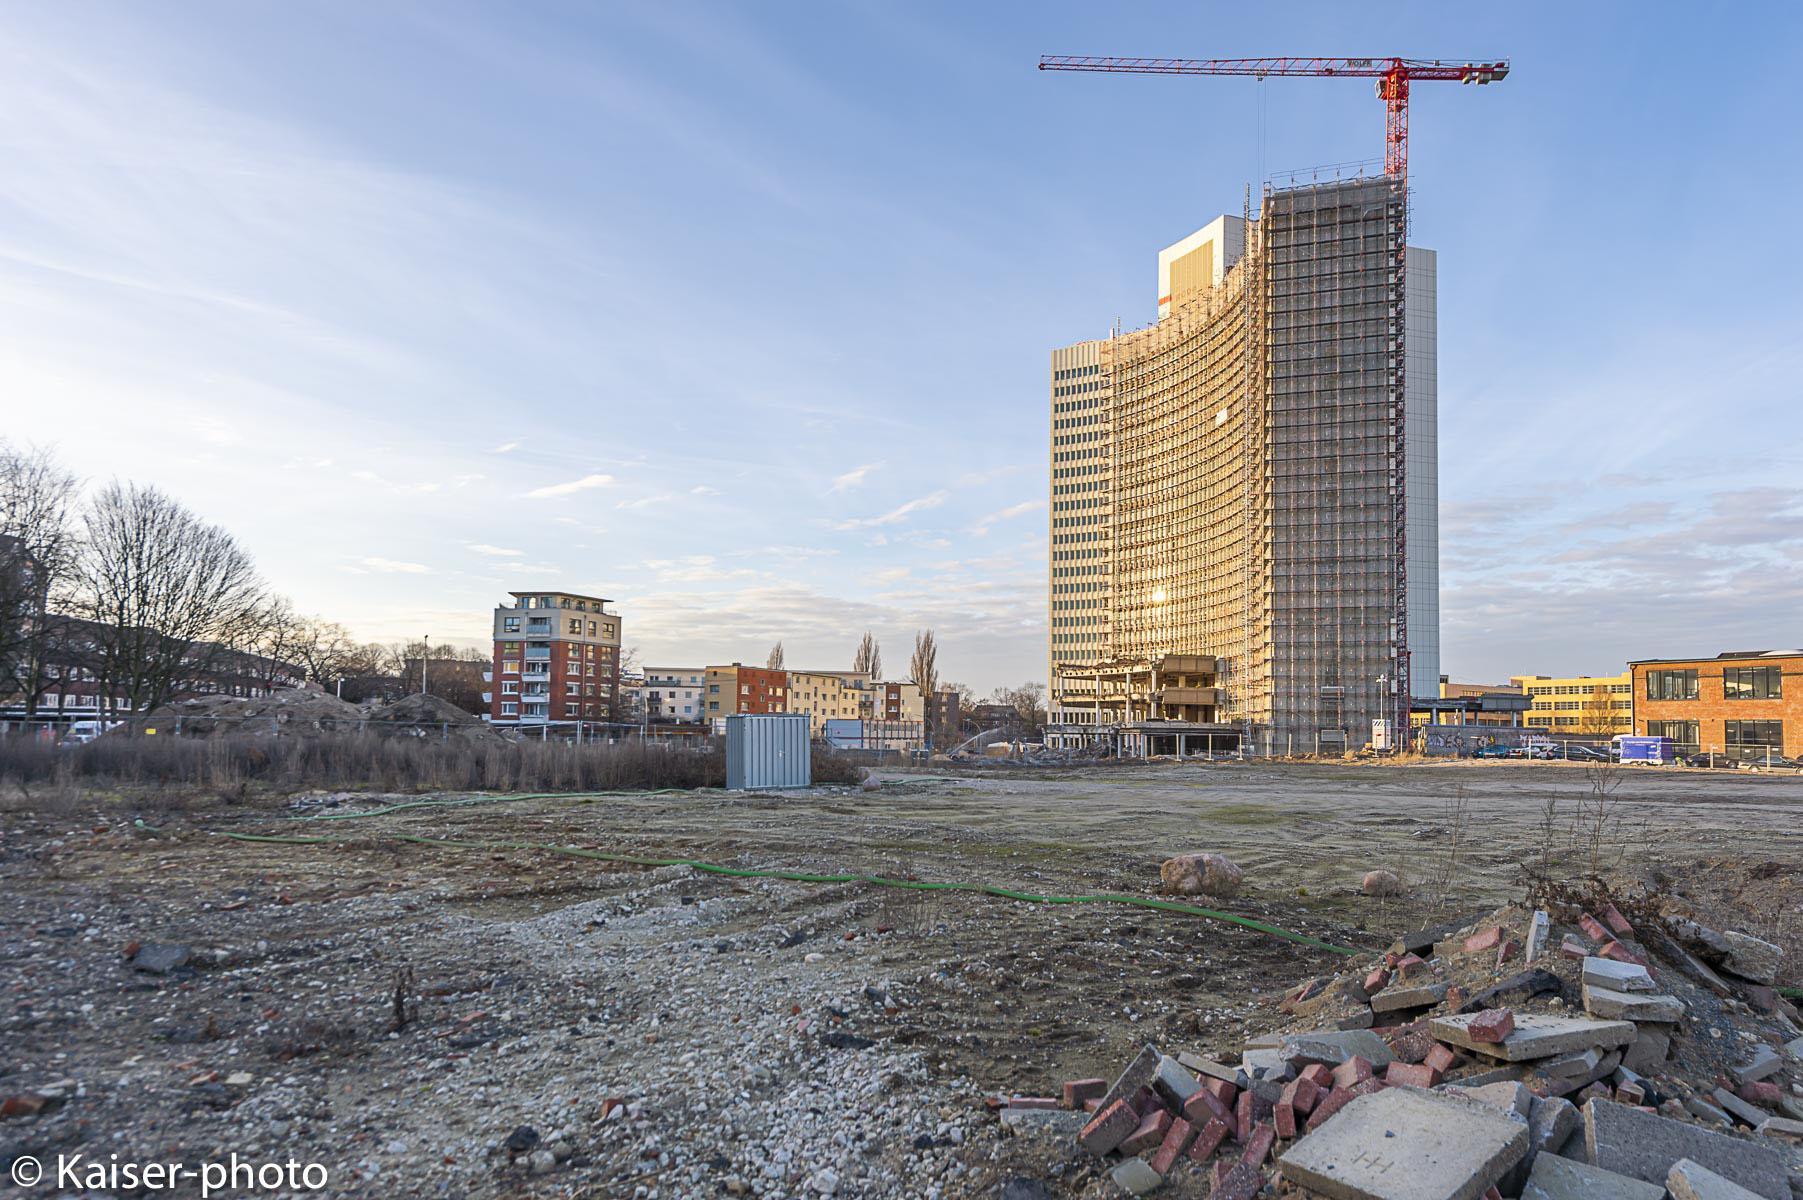 Rückbau von Euler-Hermes Hochhaus in Bahrenfed